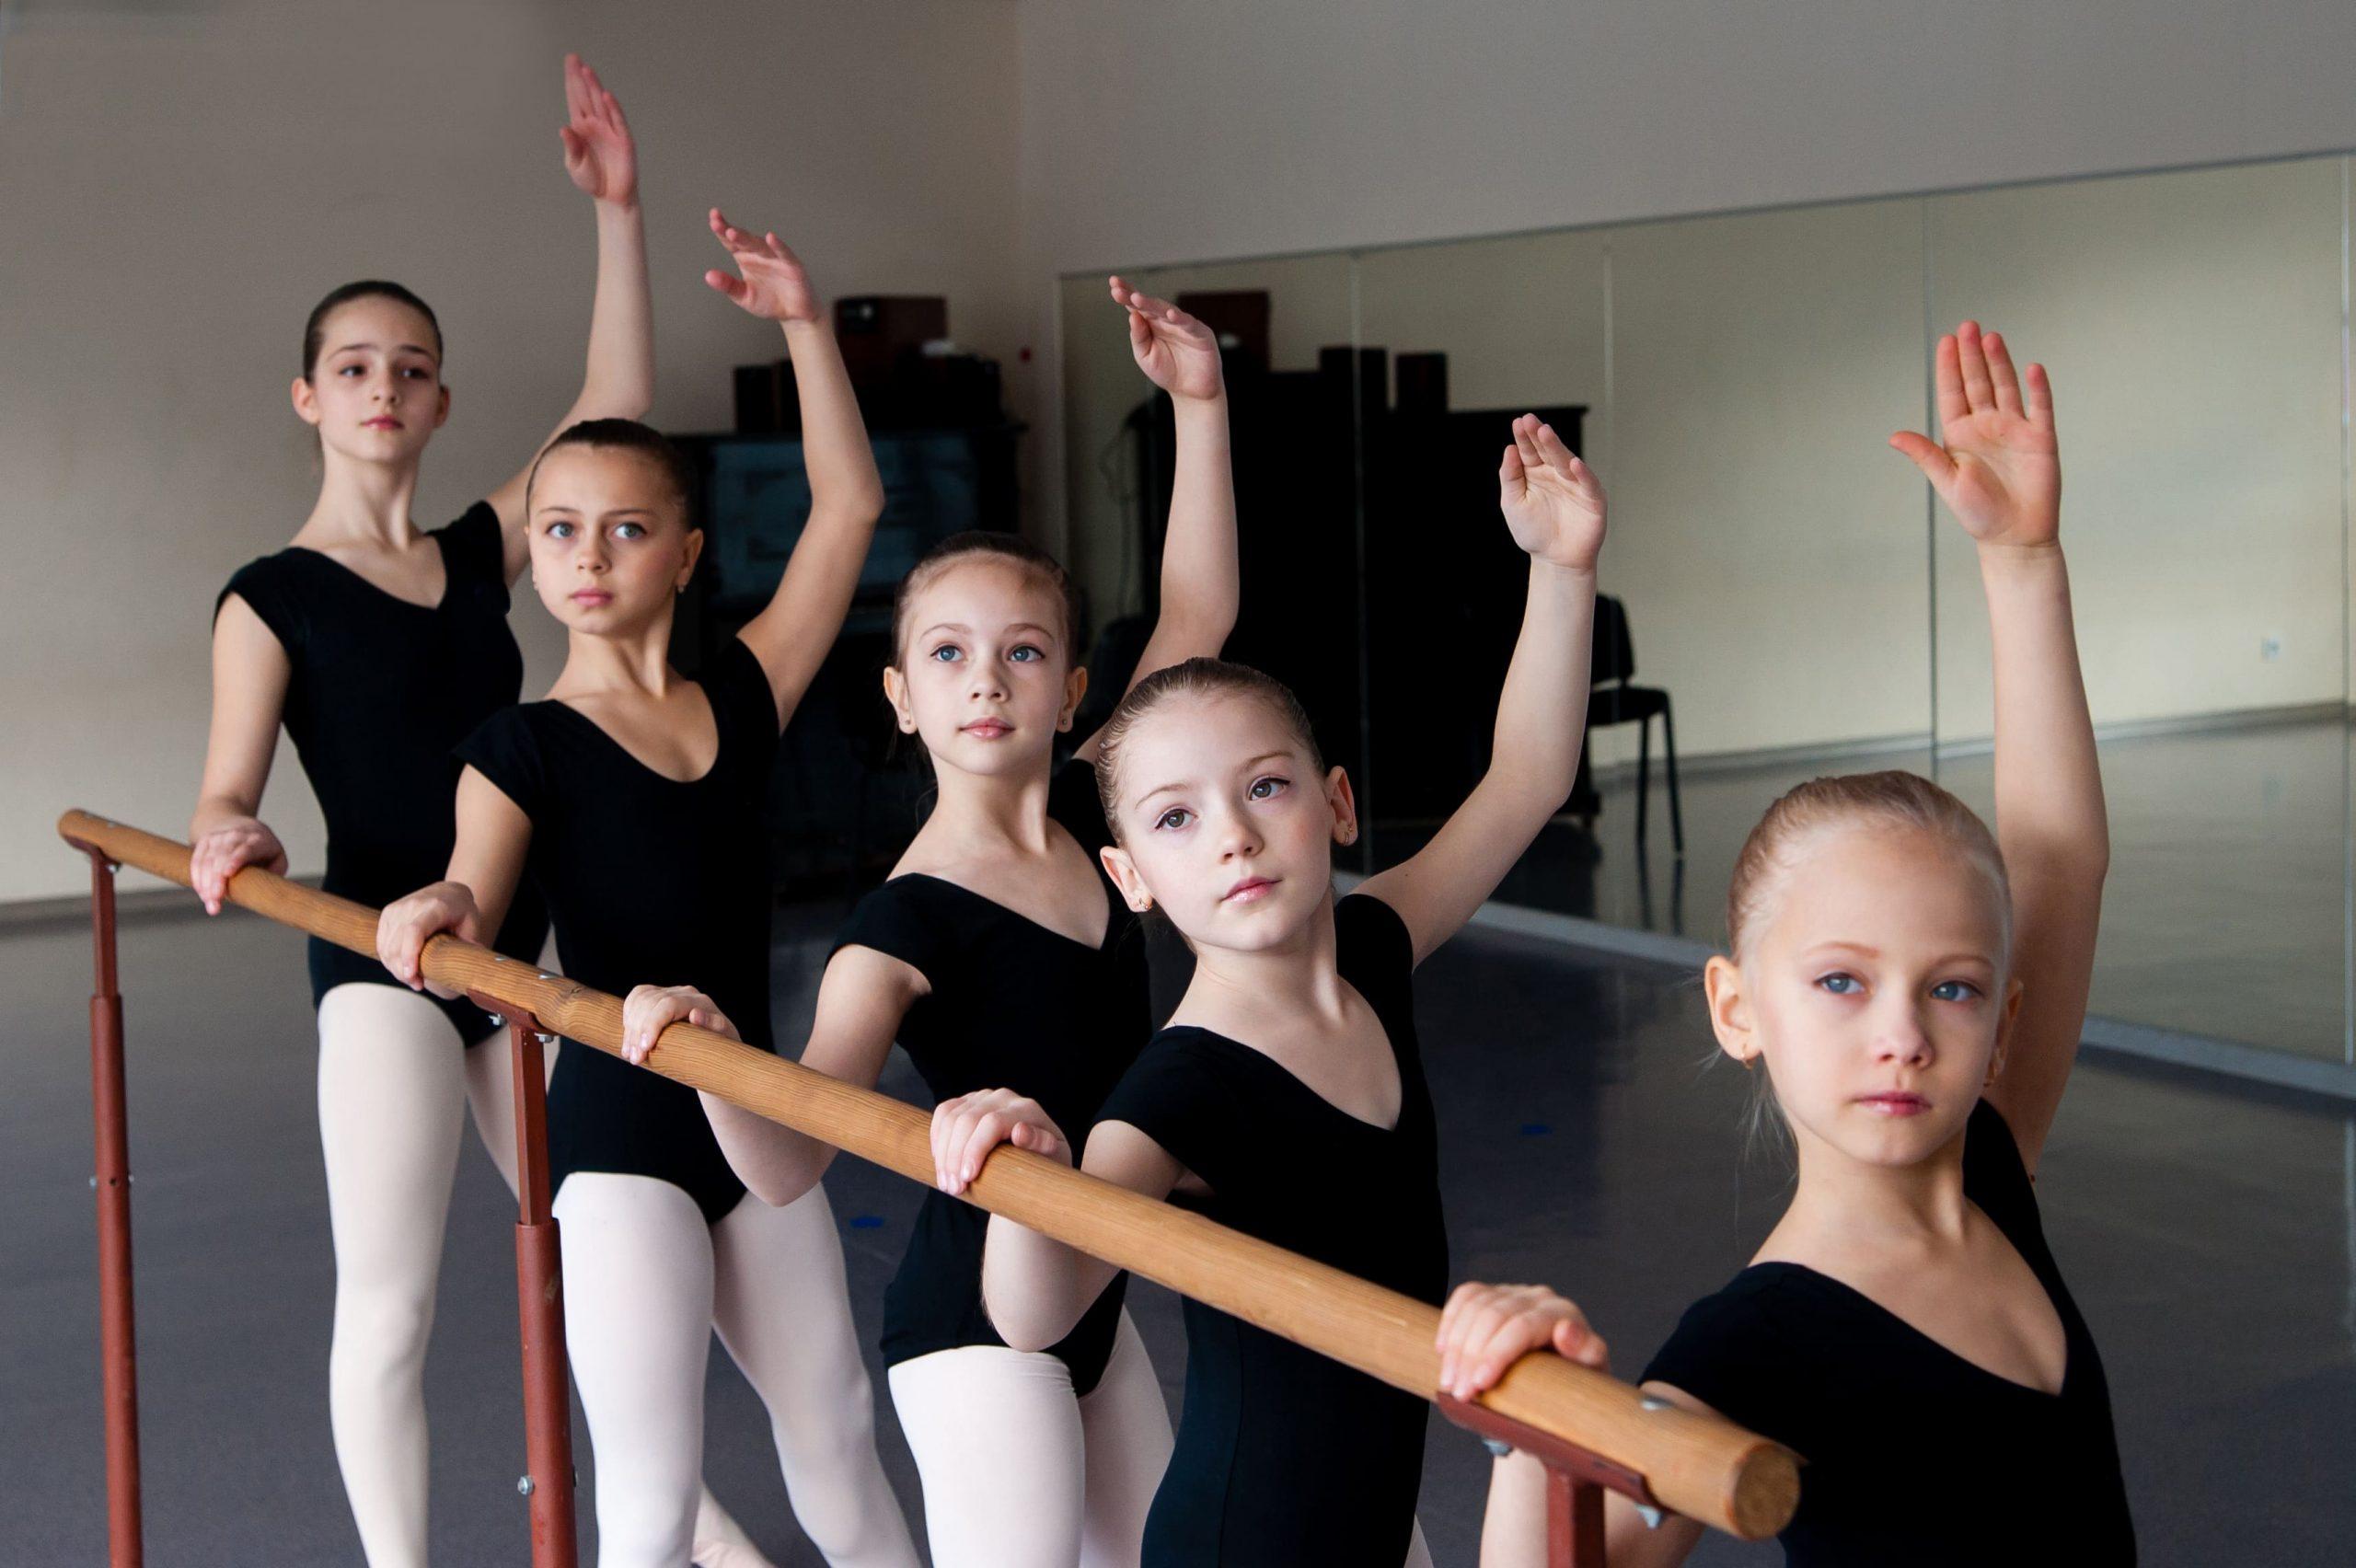 children-ballet-dance-class